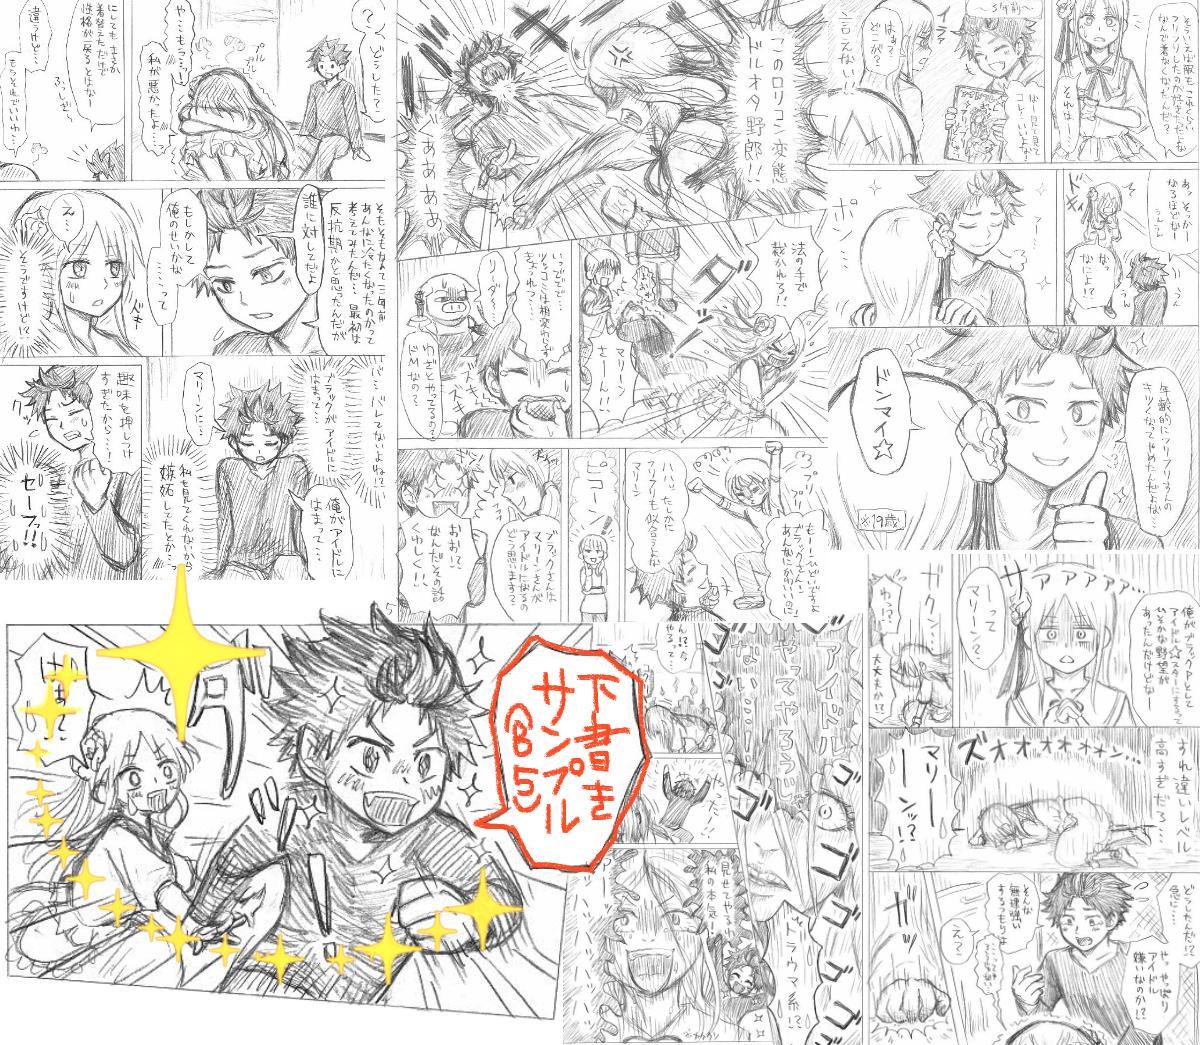 下書1p555円~【ストーリー漫画】描き起こします モノクロ・カラー>下書き>ネームの4タイプからお選びください